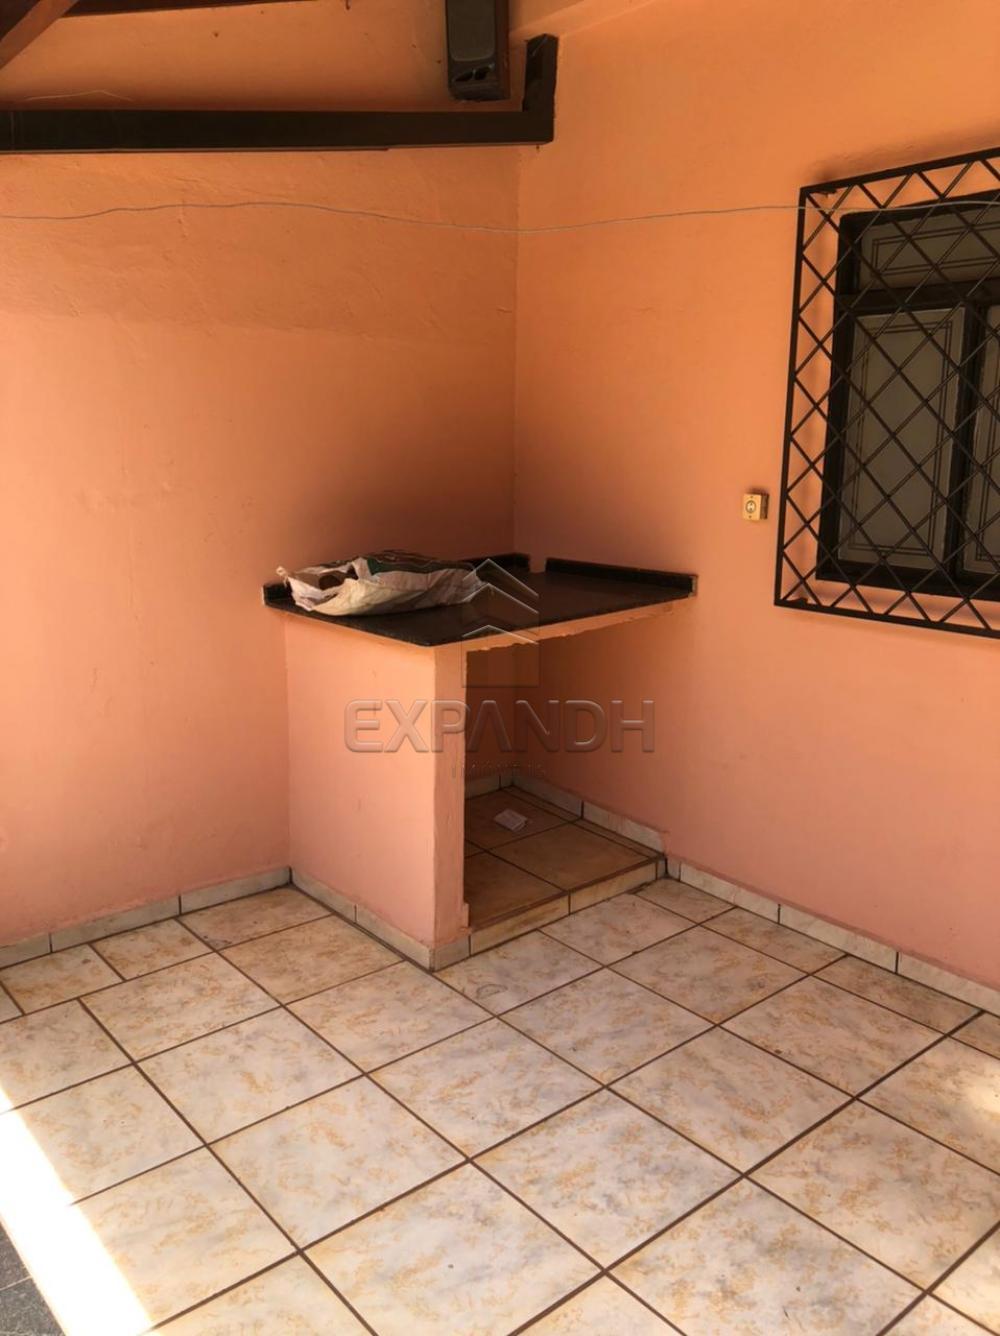 Alugar Casas / Padrão em Sertãozinho R$ 1.250,00 - Foto 8